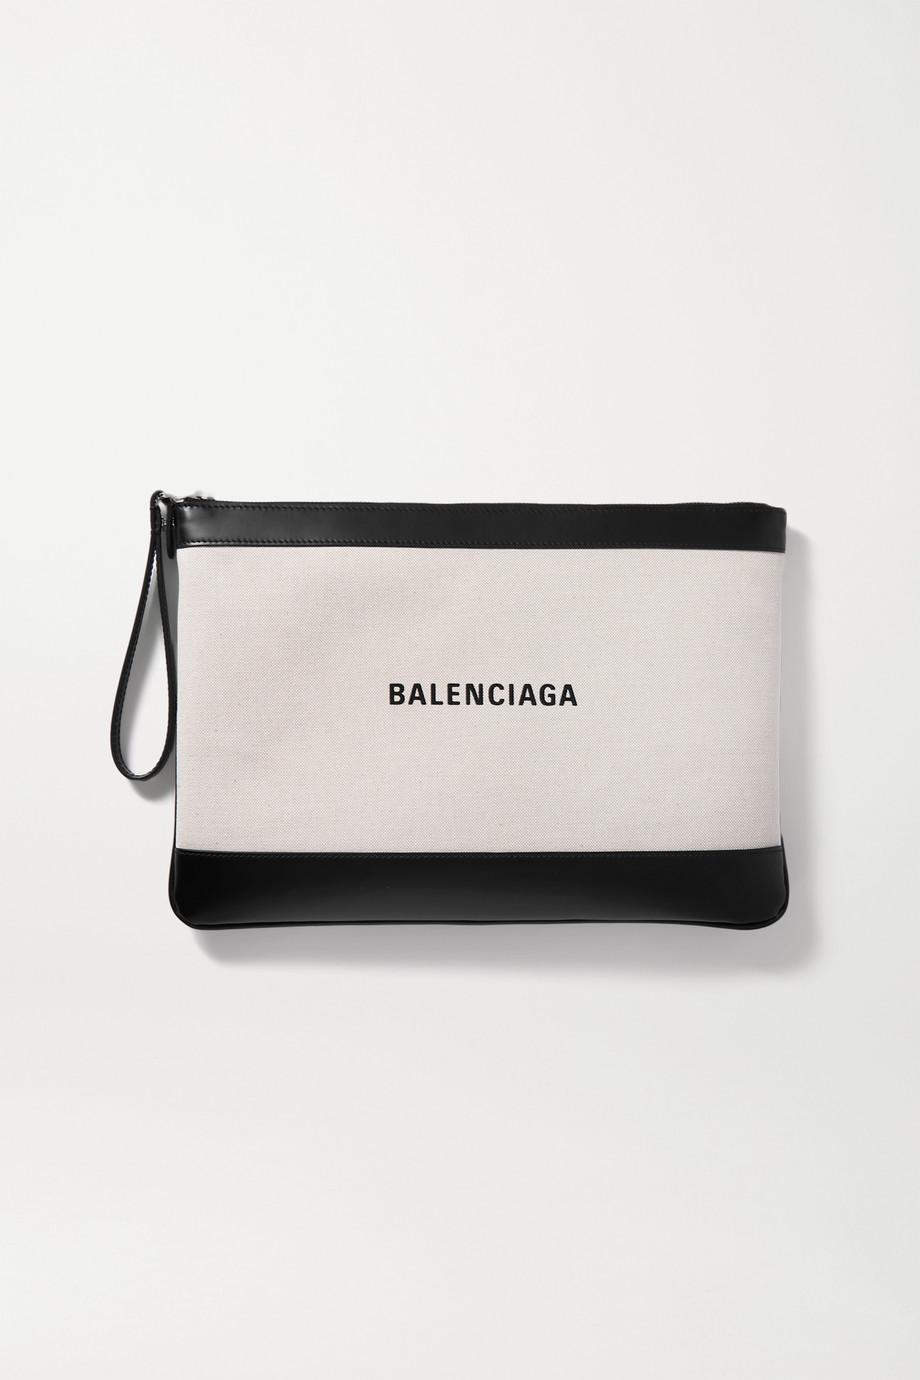 Balenciaga Beutel aus Canvas mit Lederbesätzen und Print